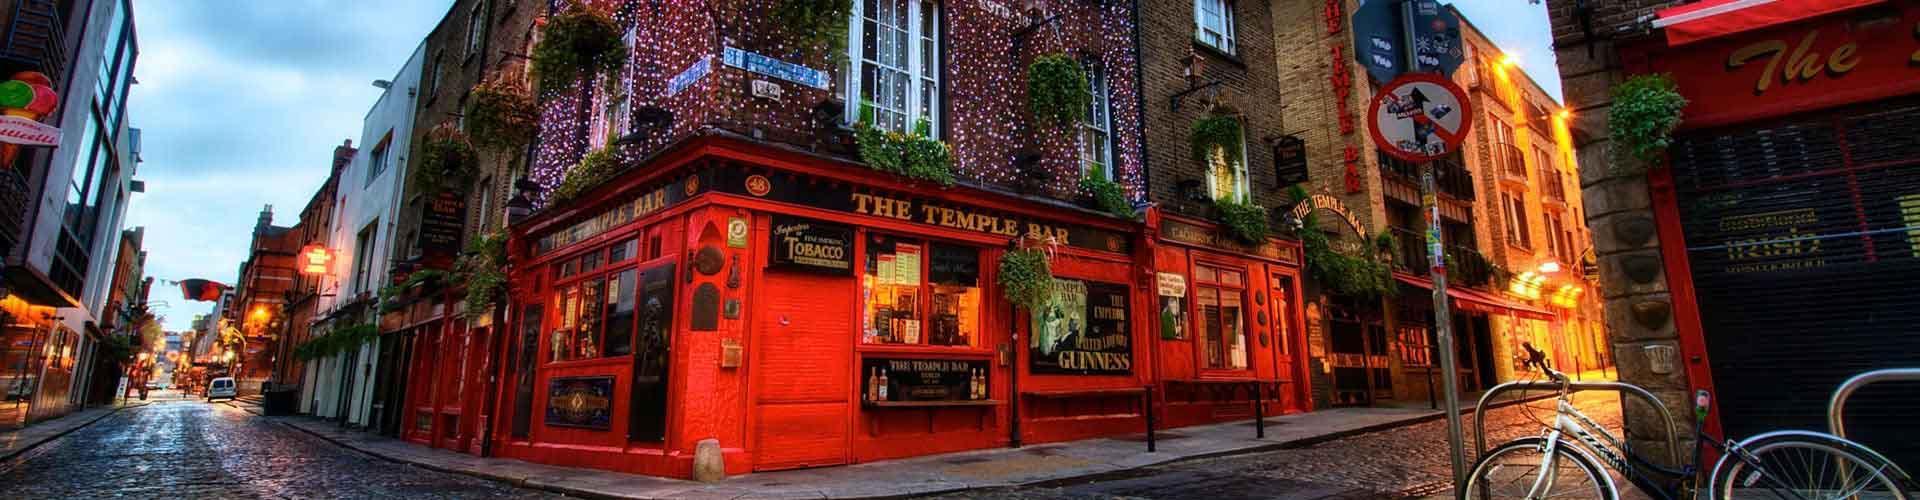 Dublin – Hostellit kaupungiosassa Temple Bar. Dublin -karttoja, valokuvia ja arvosteluja kaikista Dublin -hostelleista.